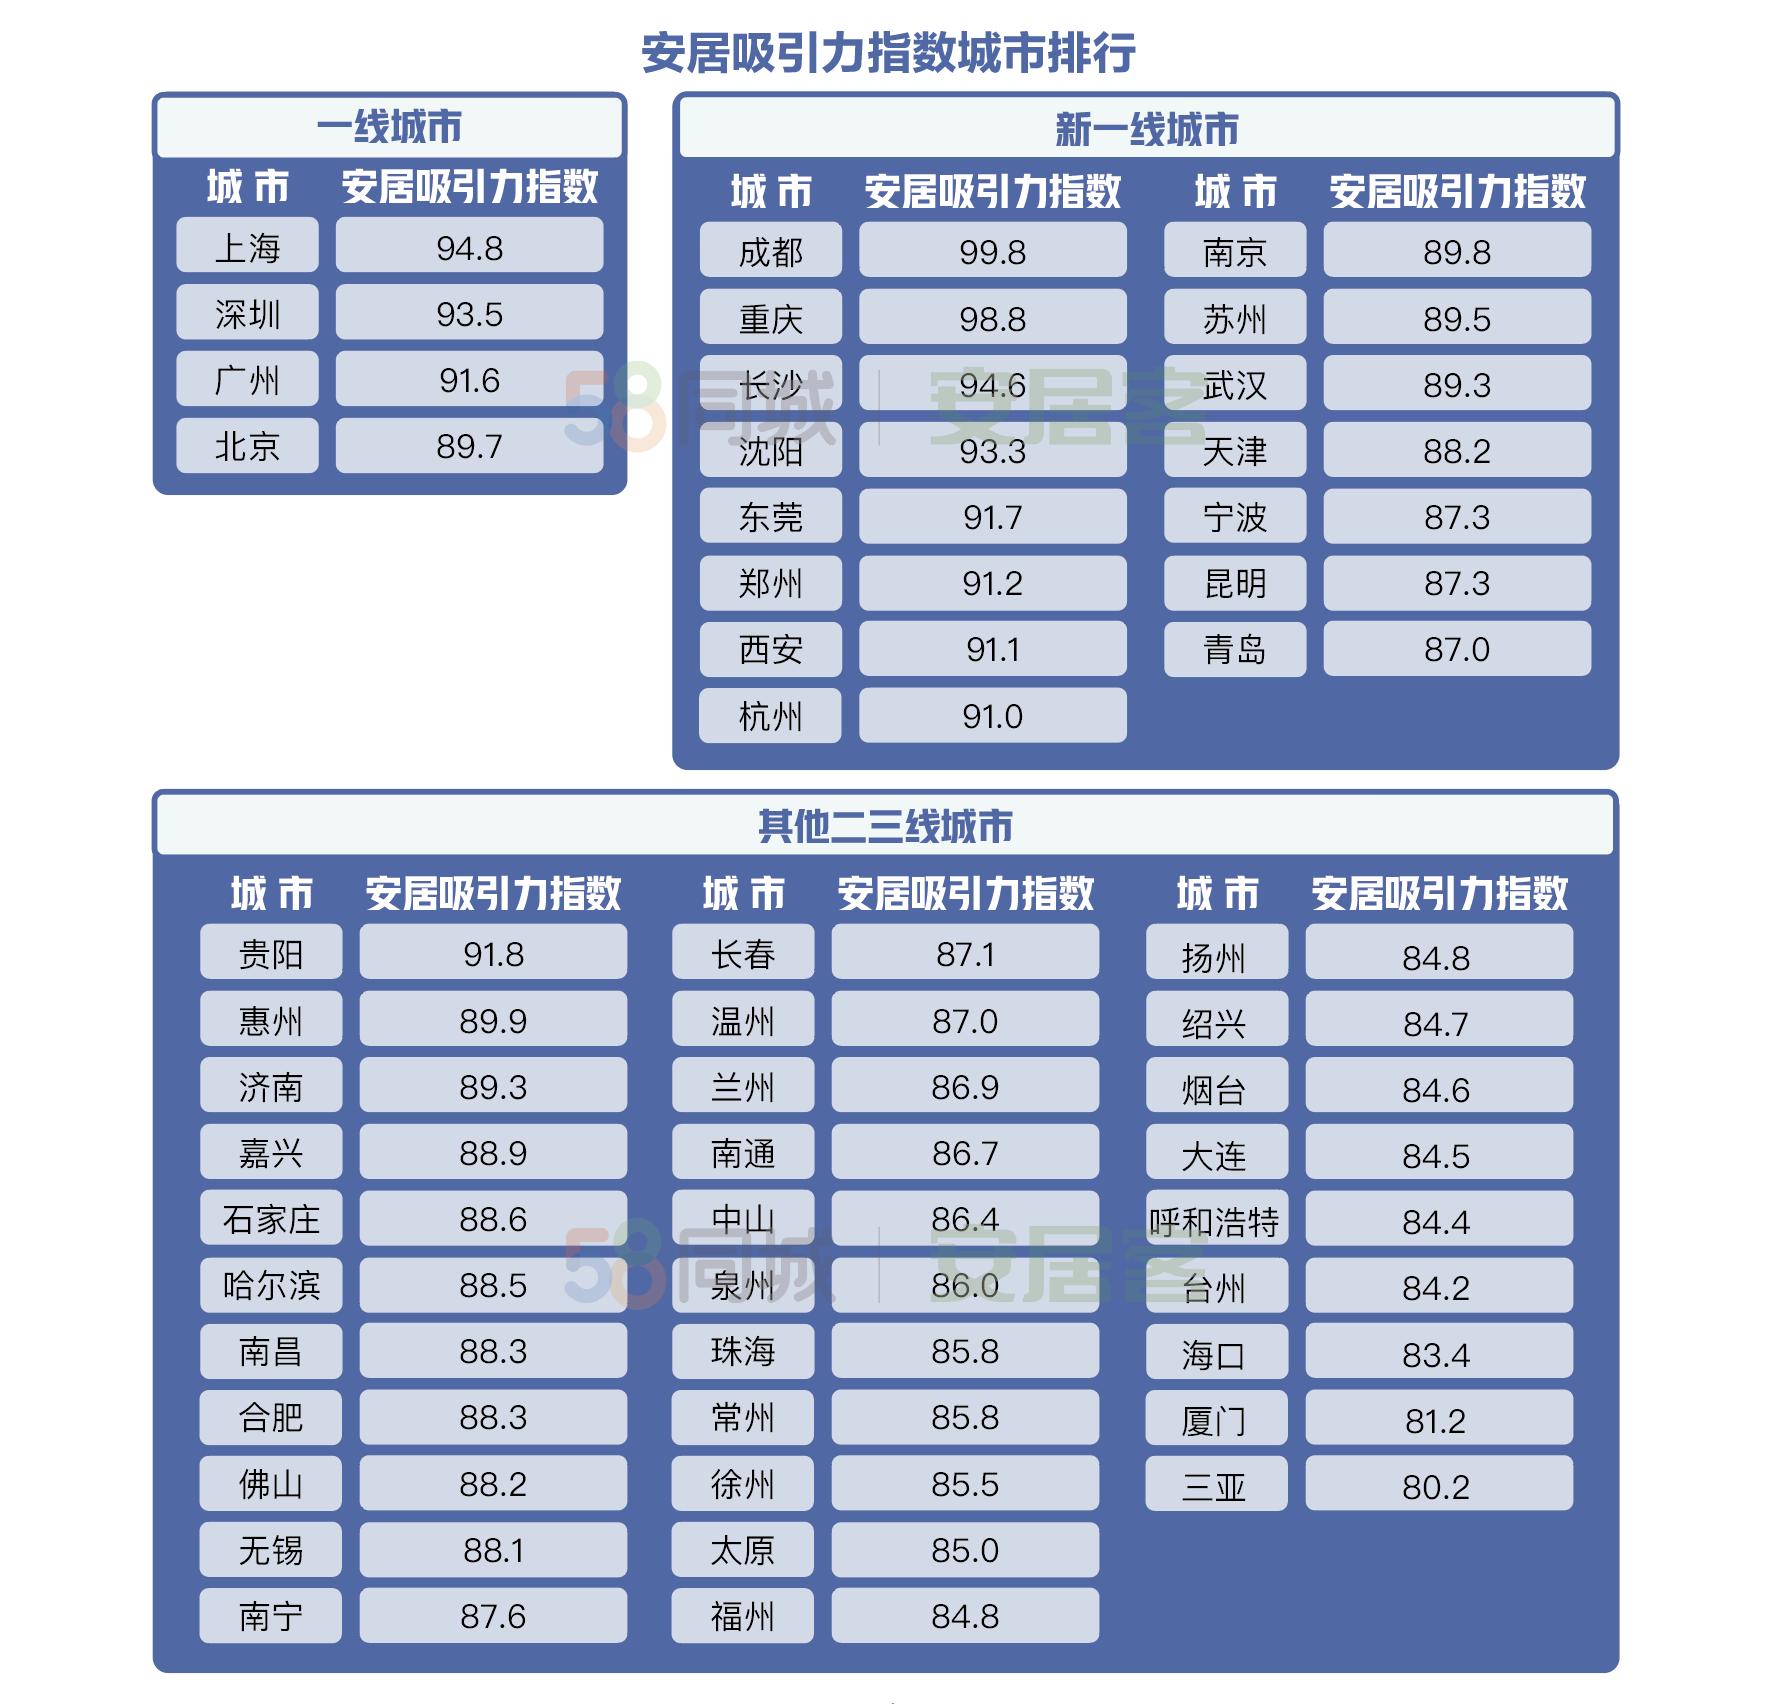 城市安居吸引力谁最强?成都、重庆、上海排前三图片